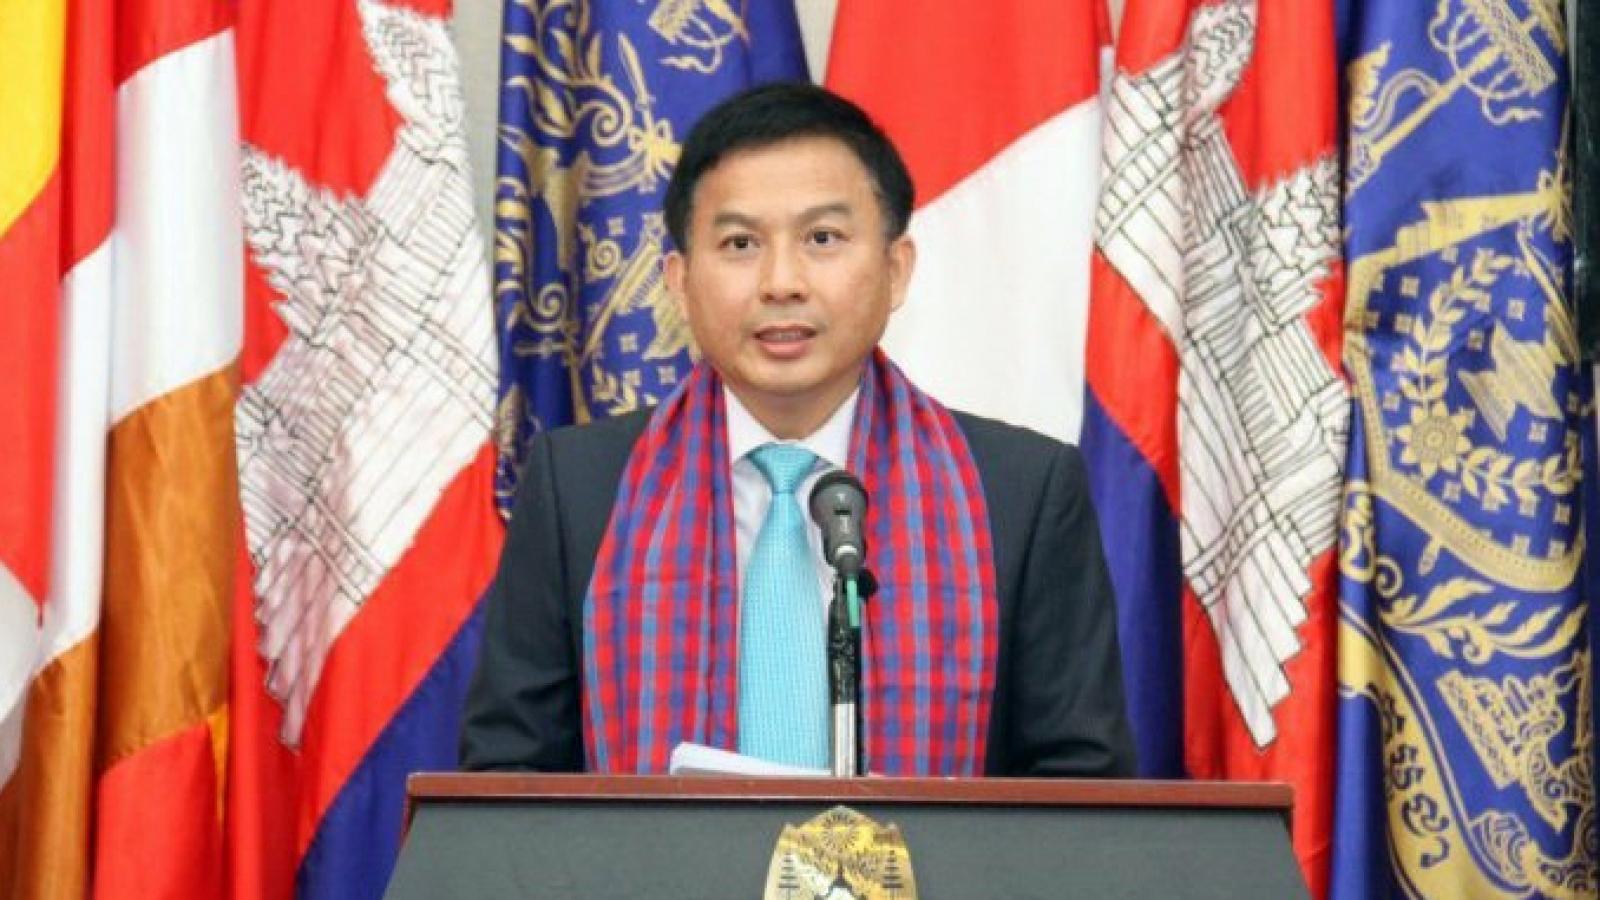 Xuất khẩu dầu thô đầu tiên của Campuchia bị trì hoãn